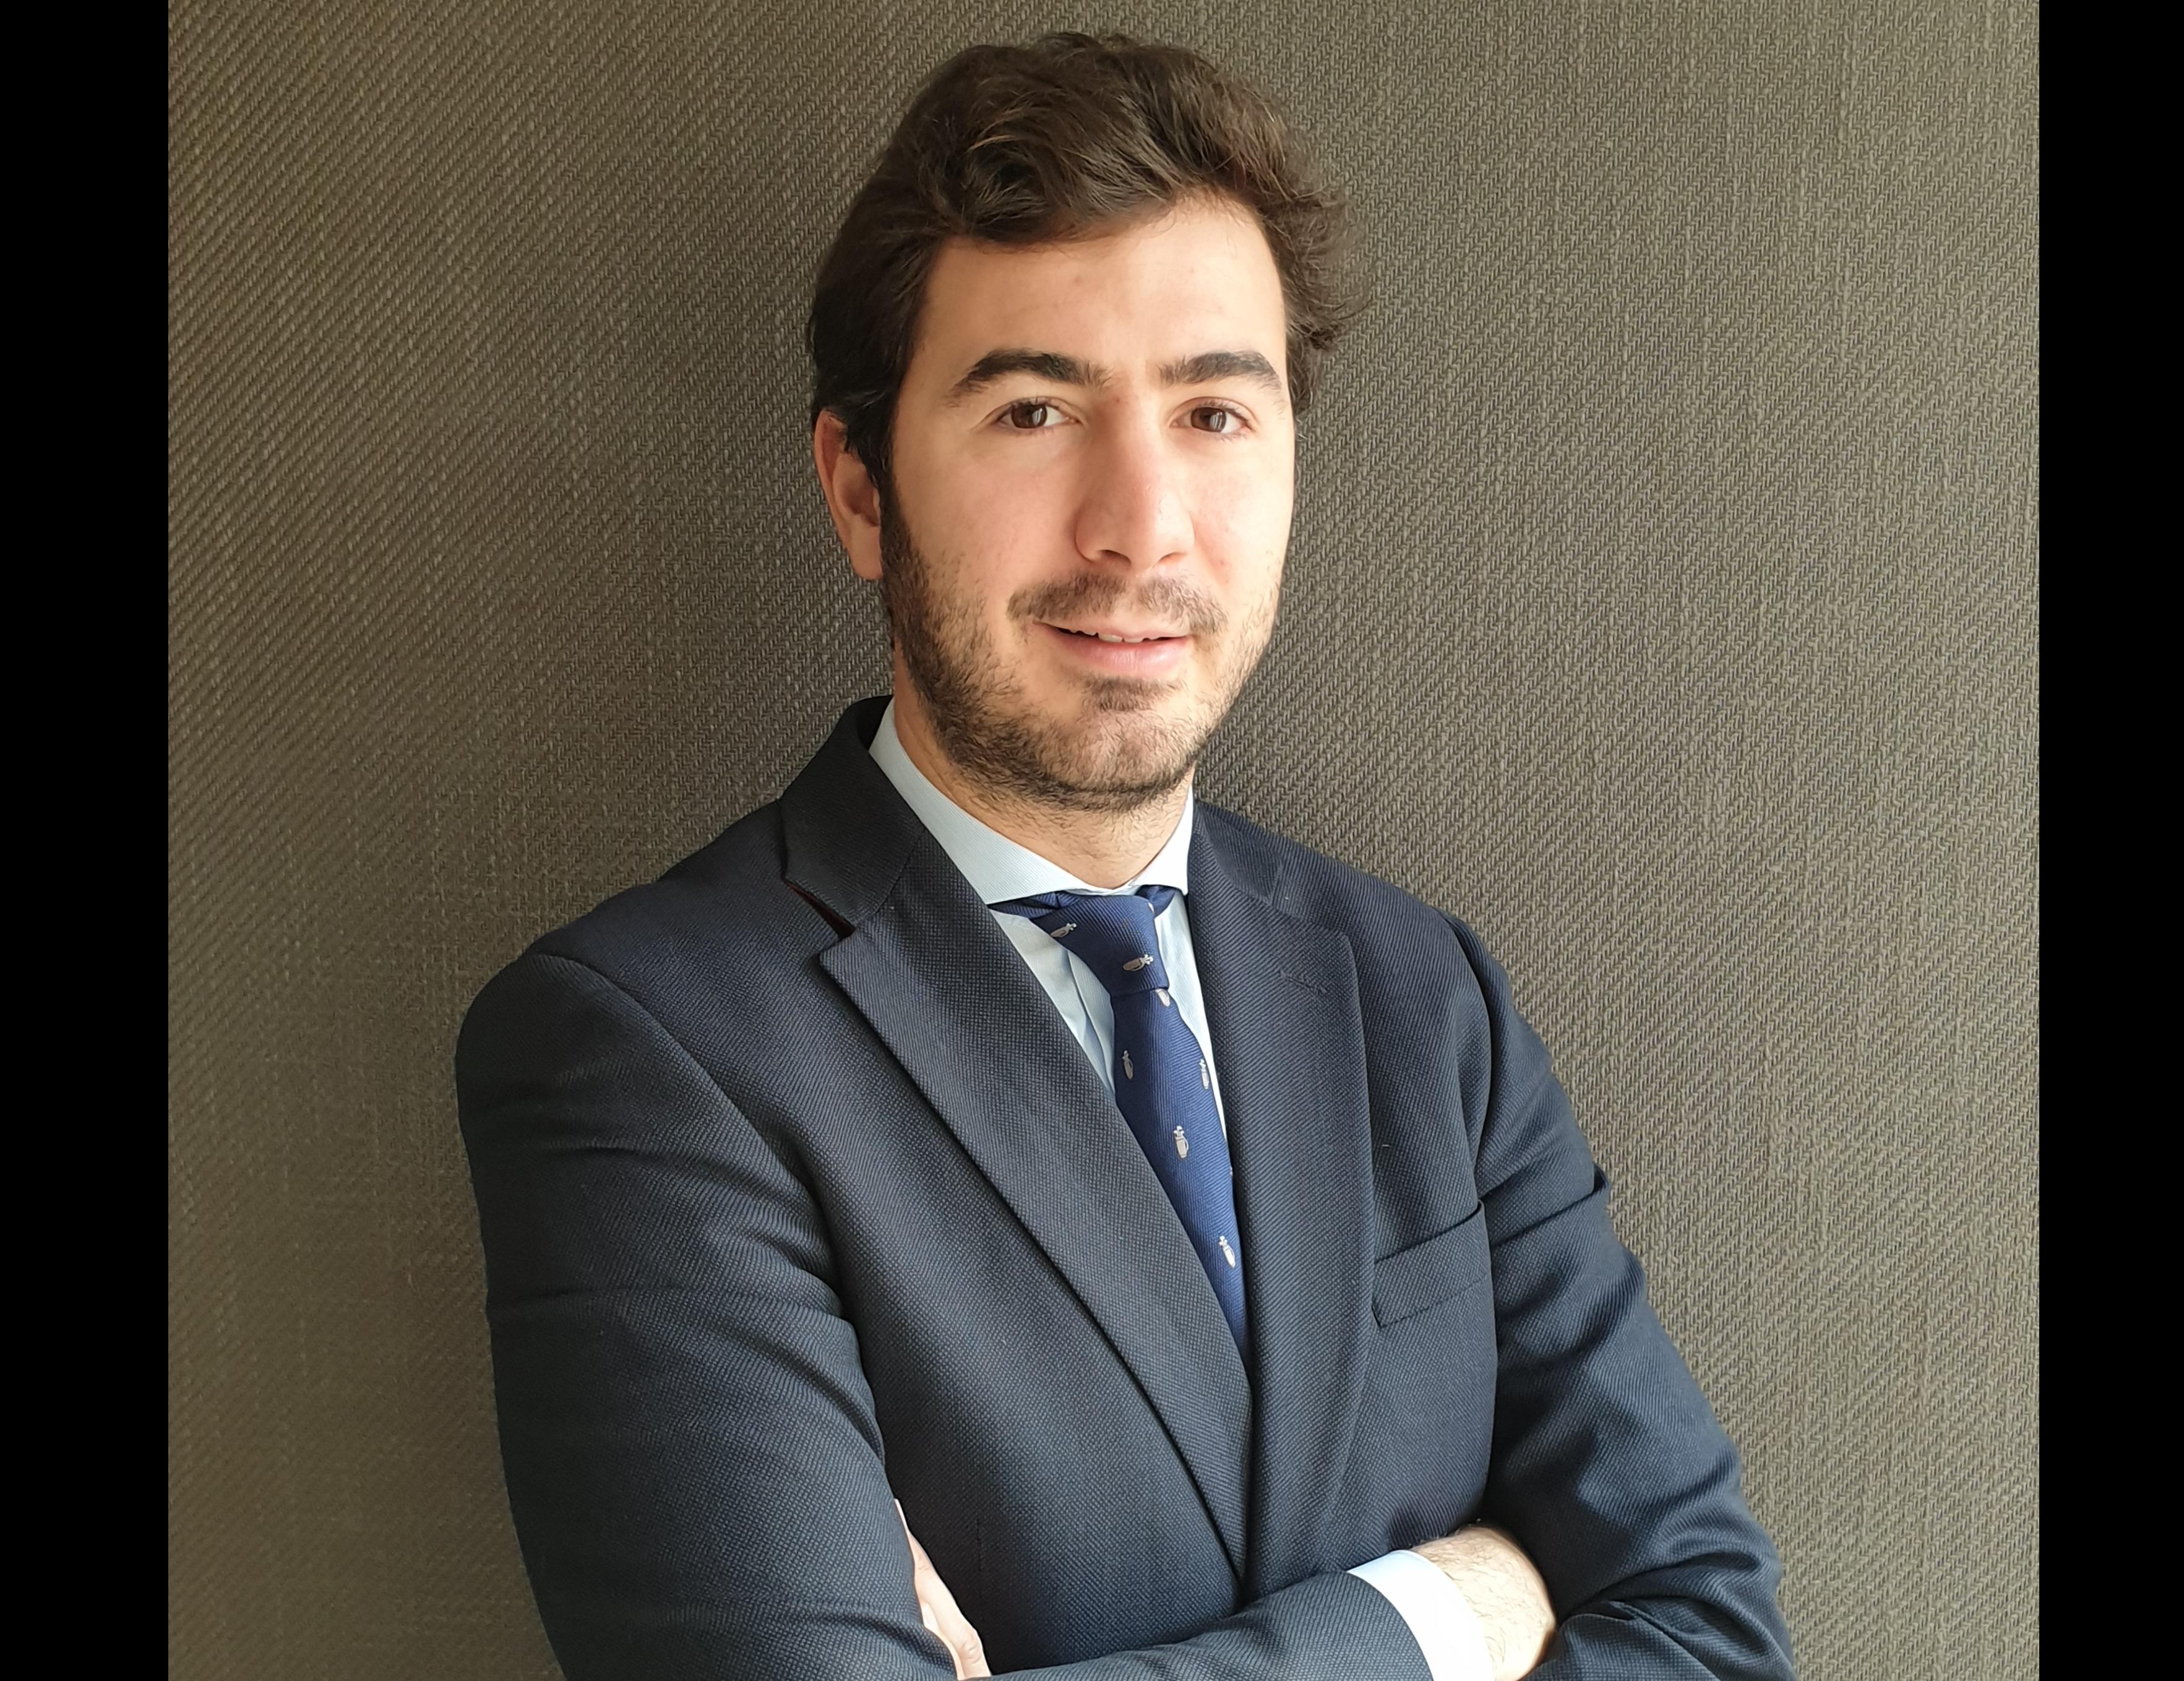 Alejandro Carrascal